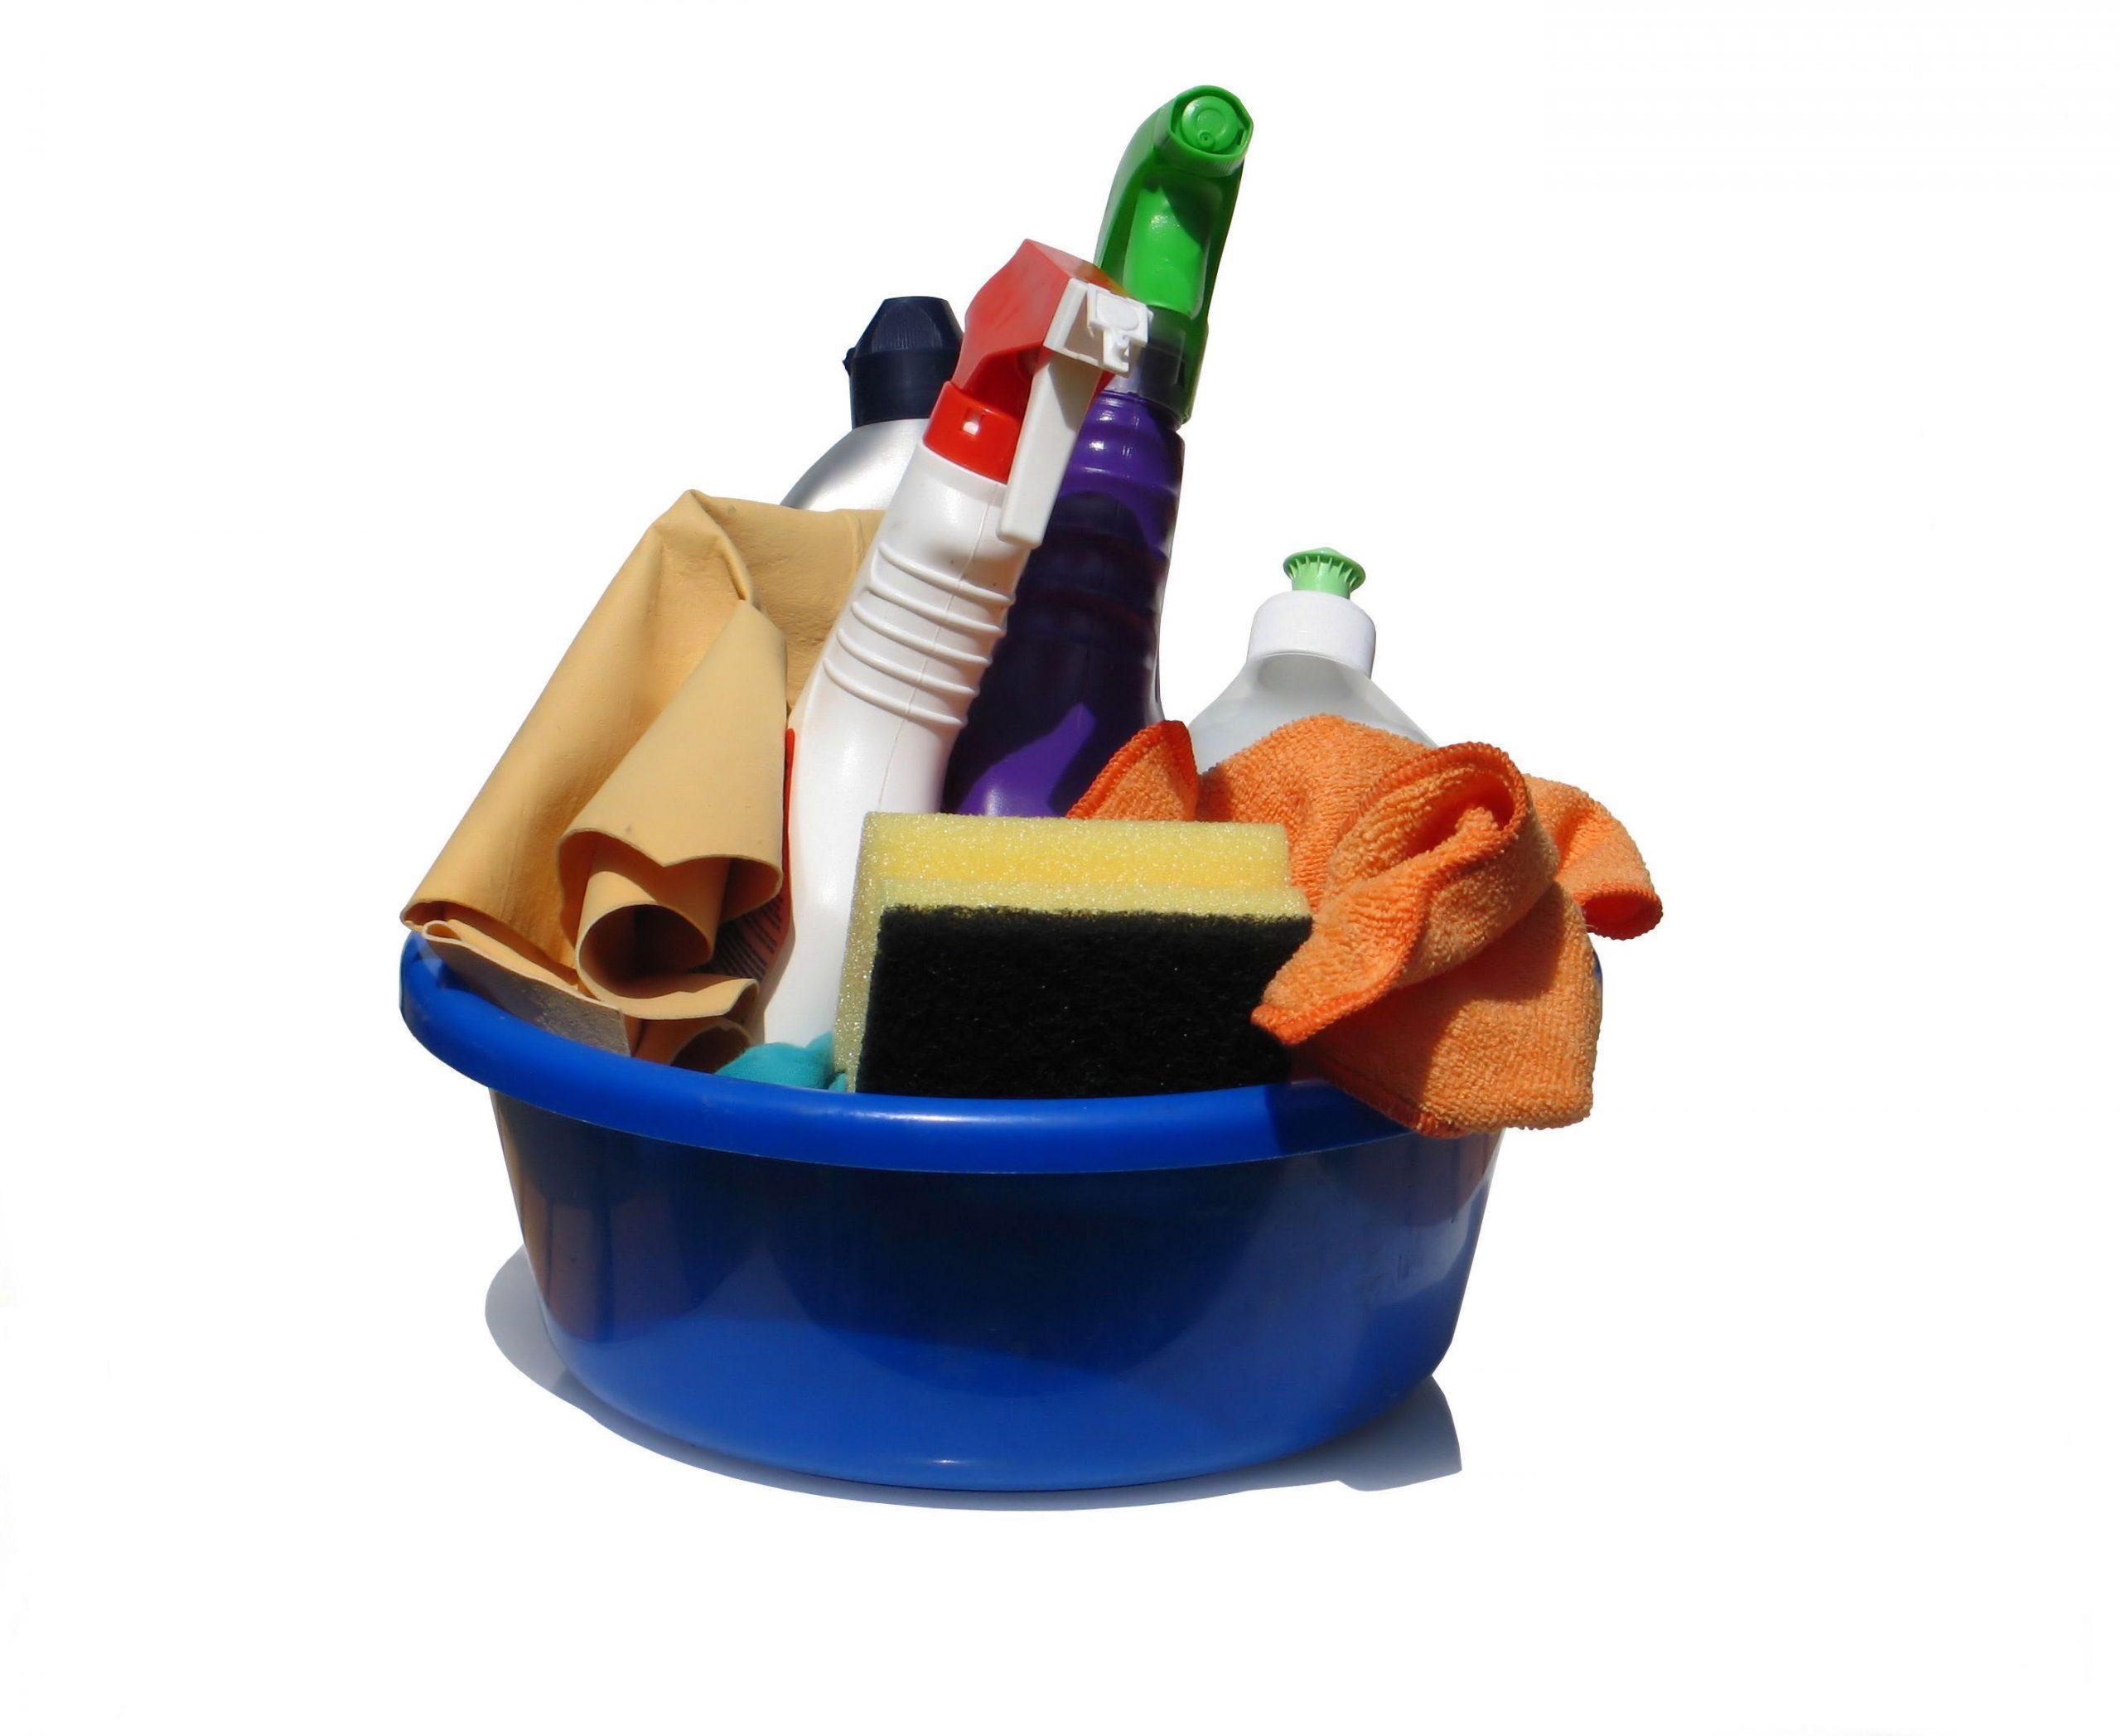 E Ziua Mondială a Curățeniei. Iată 20 de practici bune pentru mediu, sănătate și buget